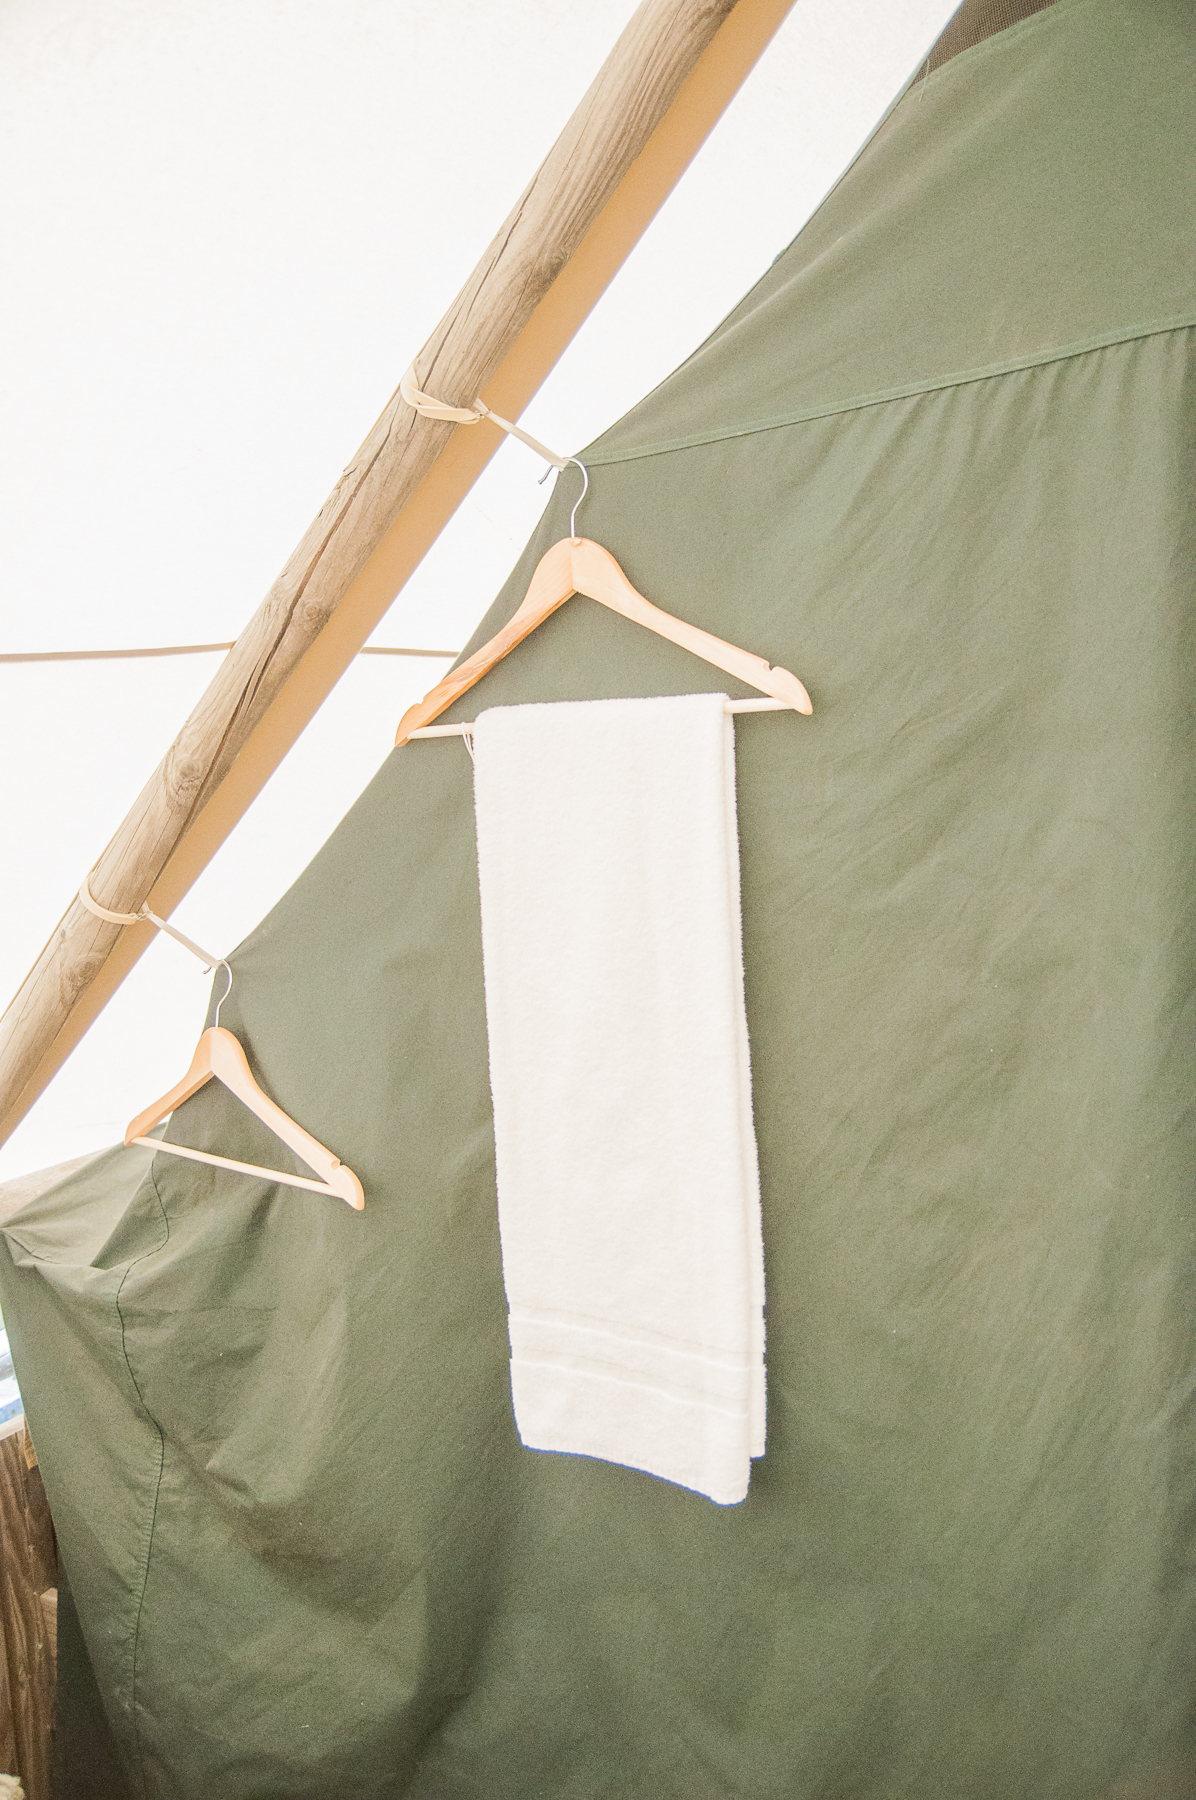 Même des cintres dans la tente Huttopia